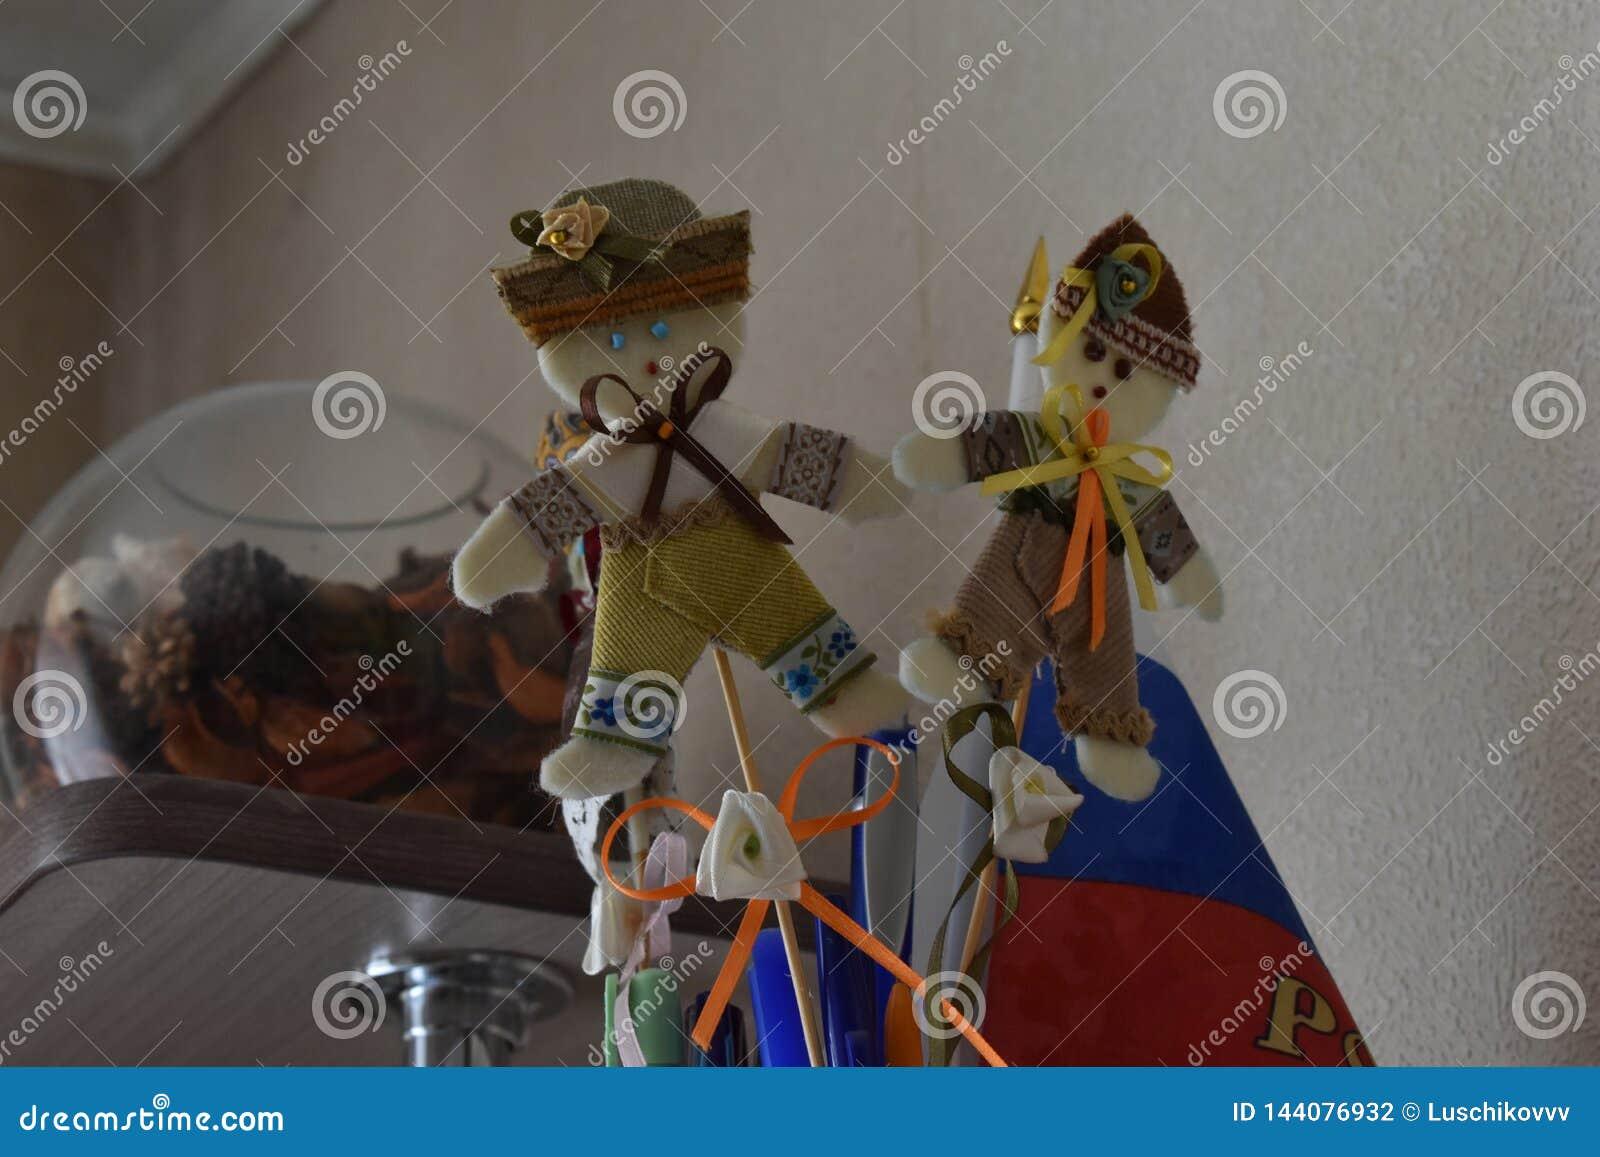 Круглый танец - фольклорная тряпичная кукла с его руками